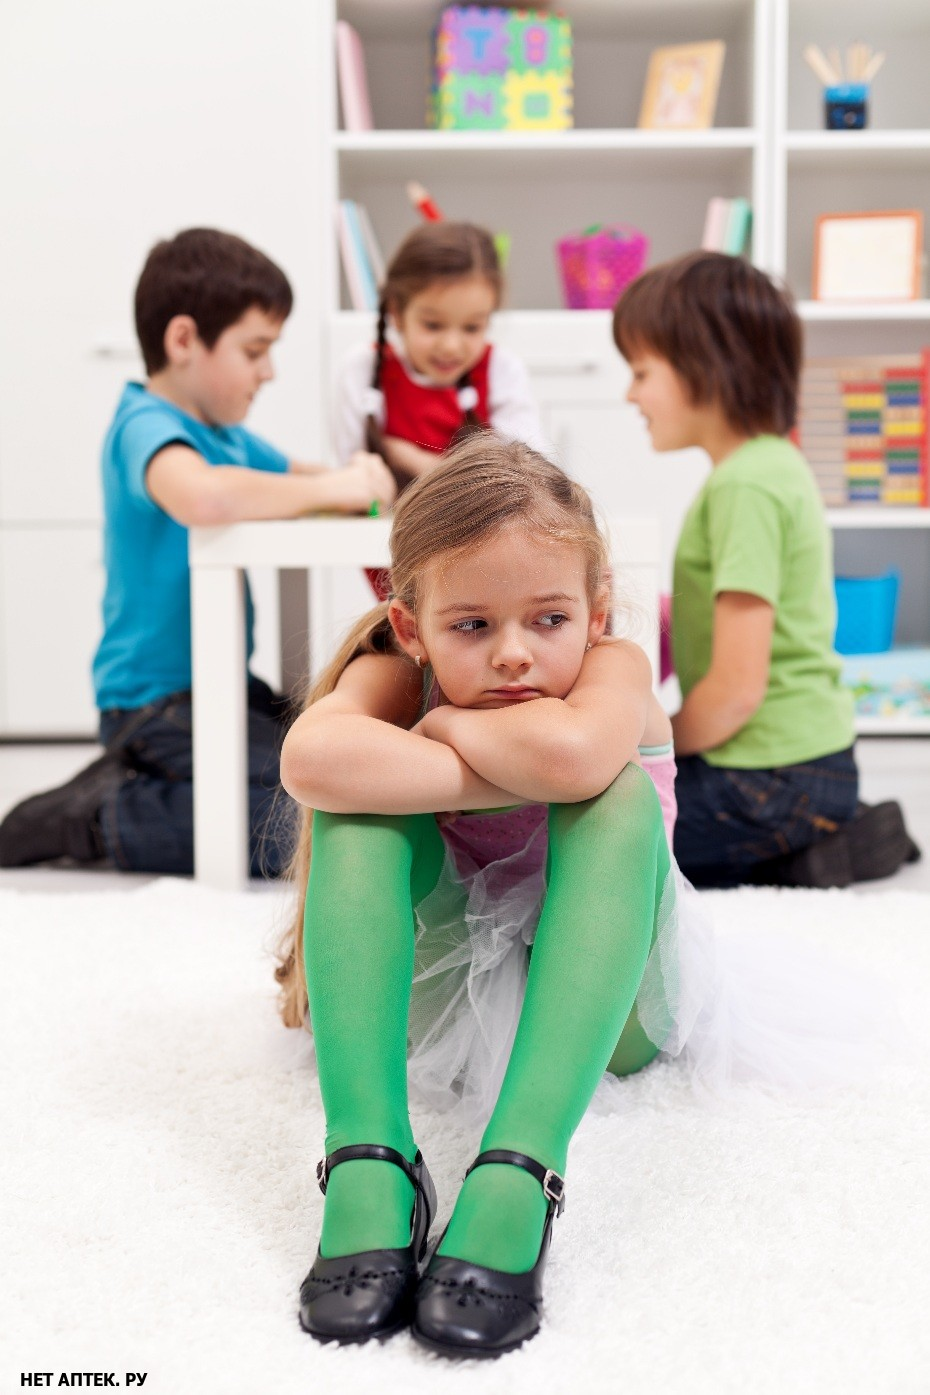 Ребенок ни с кем не общается в школе. проблема зачастую начинается с родителей